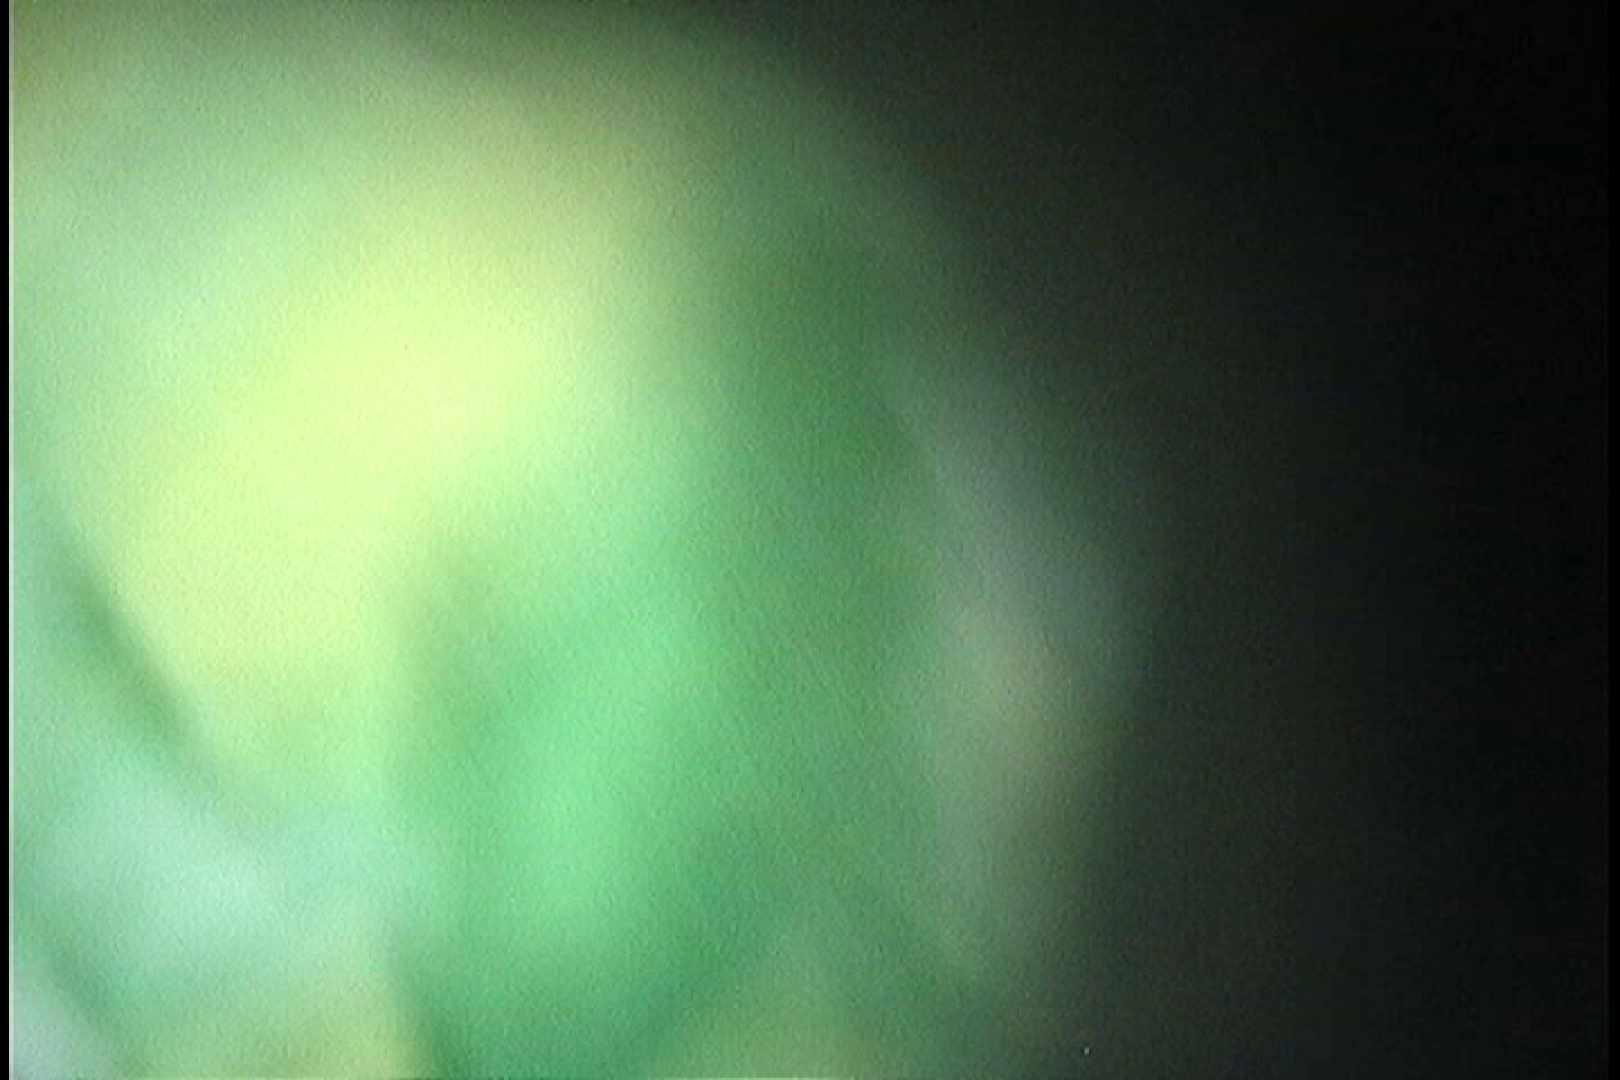 No.22 日焼け跡とオッパイの関係がおかしな貧乳ギャル 日焼け オメコ無修正動画無料 99枚 15